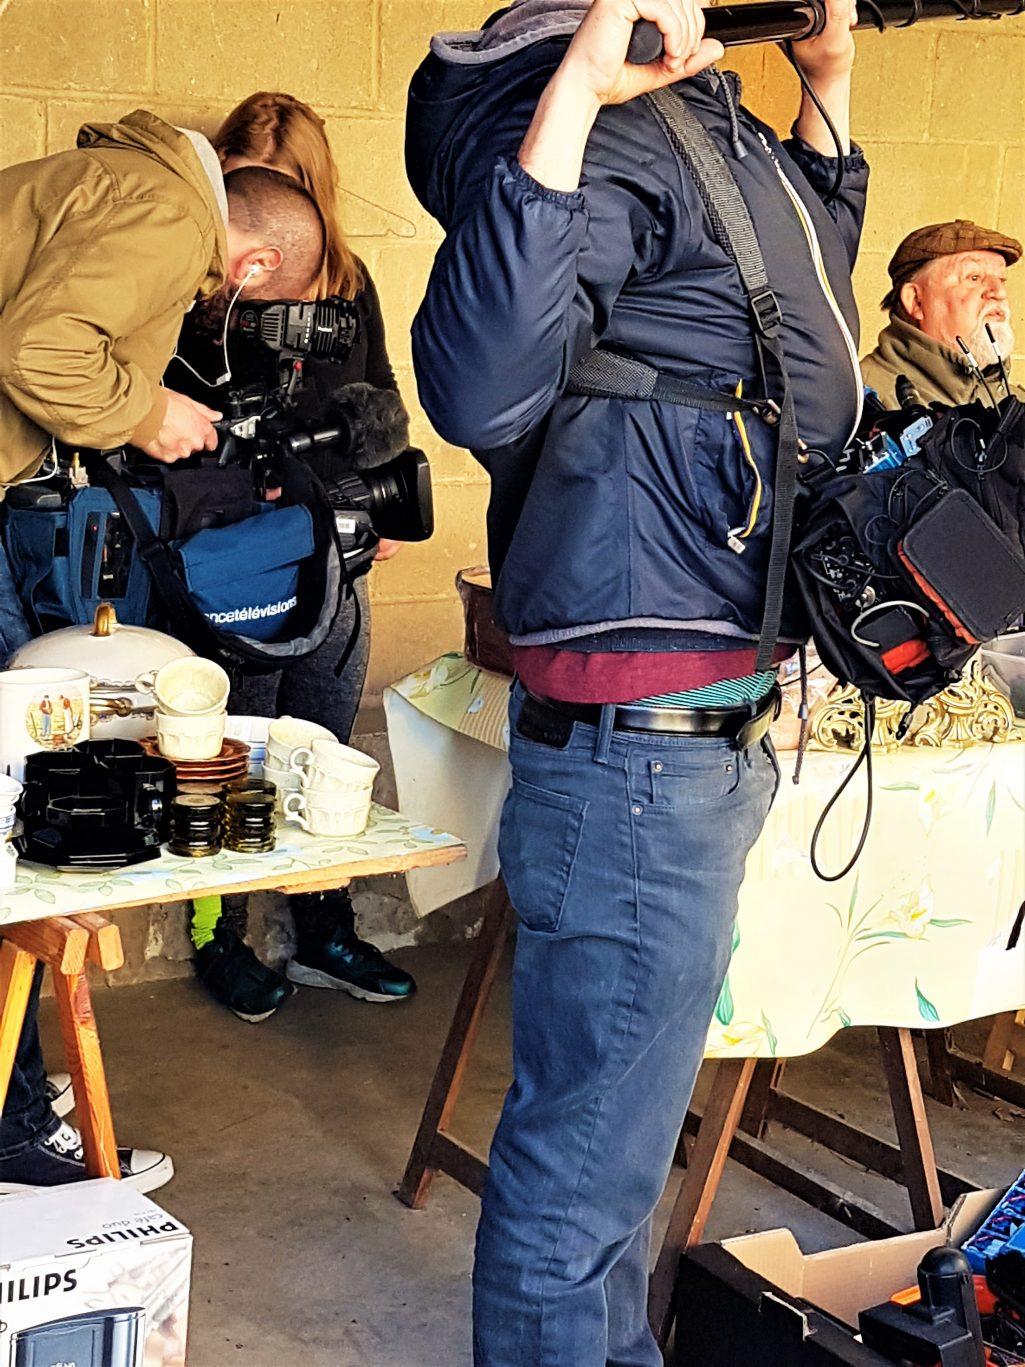 Tournage avec l'équipe de France Télévisions avant de réaliser les images en drone